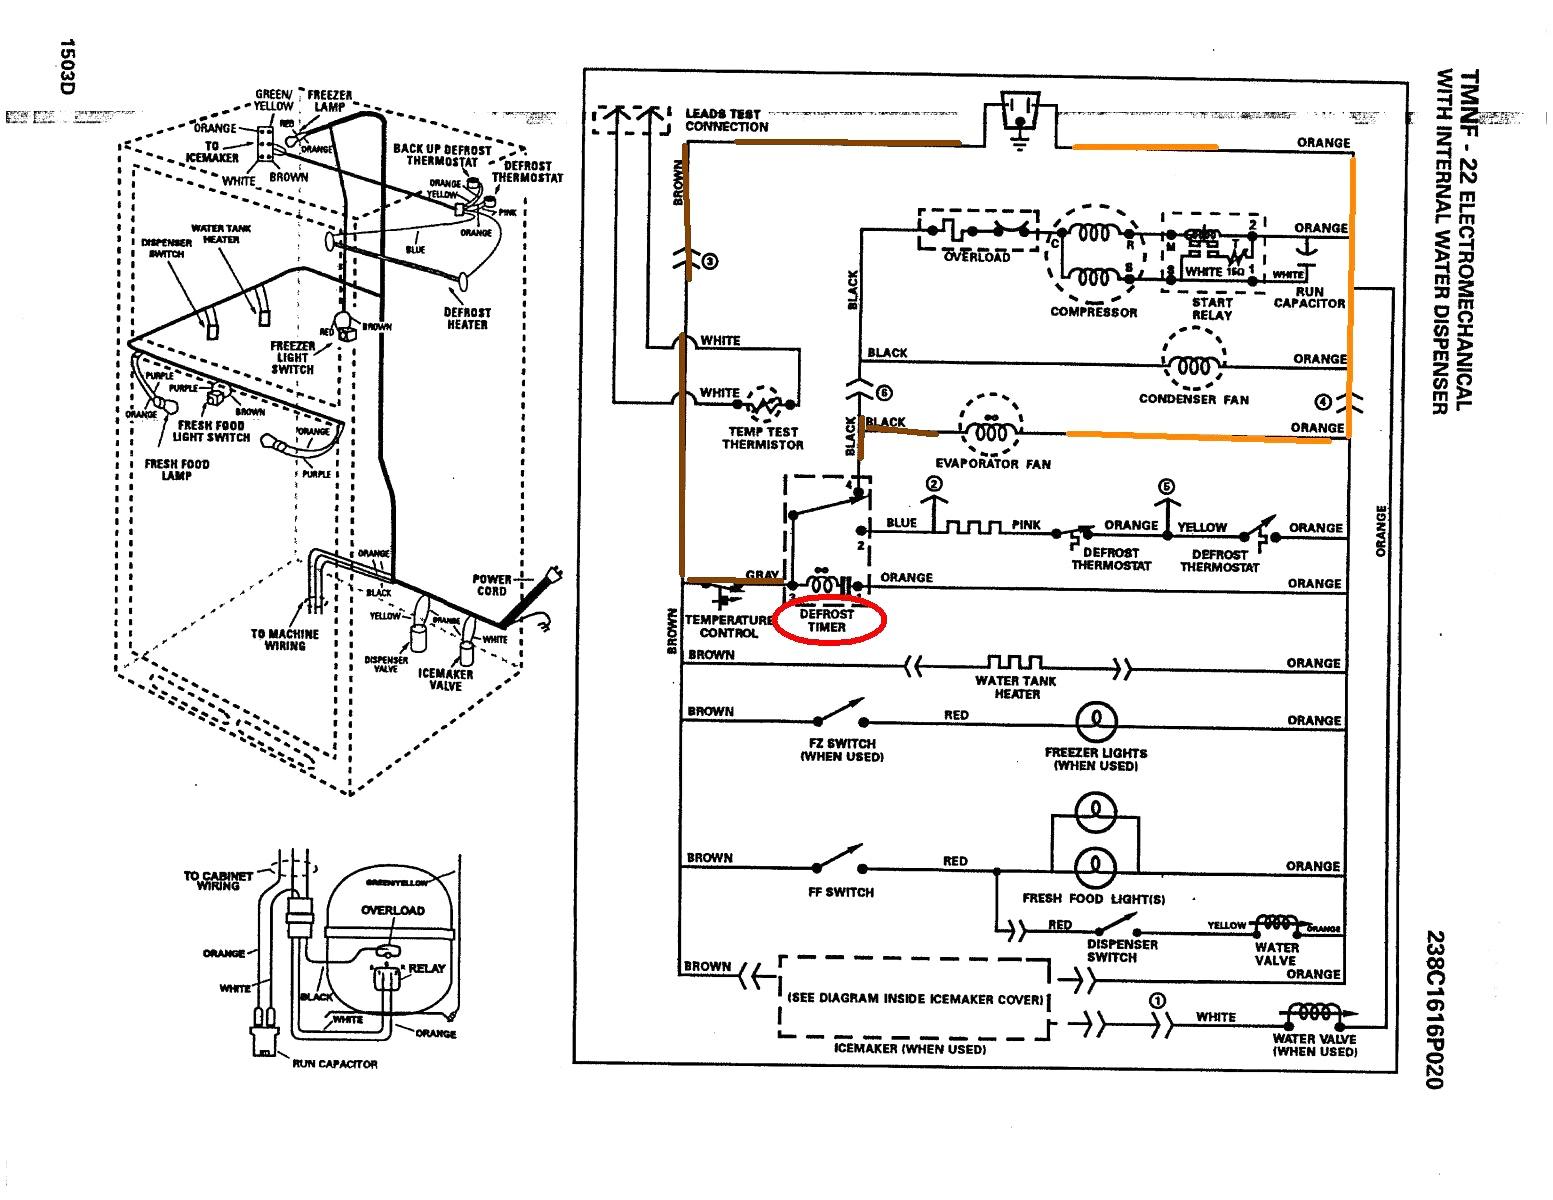 Ge Fridge Schematics - Wiring Diagram Data - Ge Refrigerator Wiring Diagram